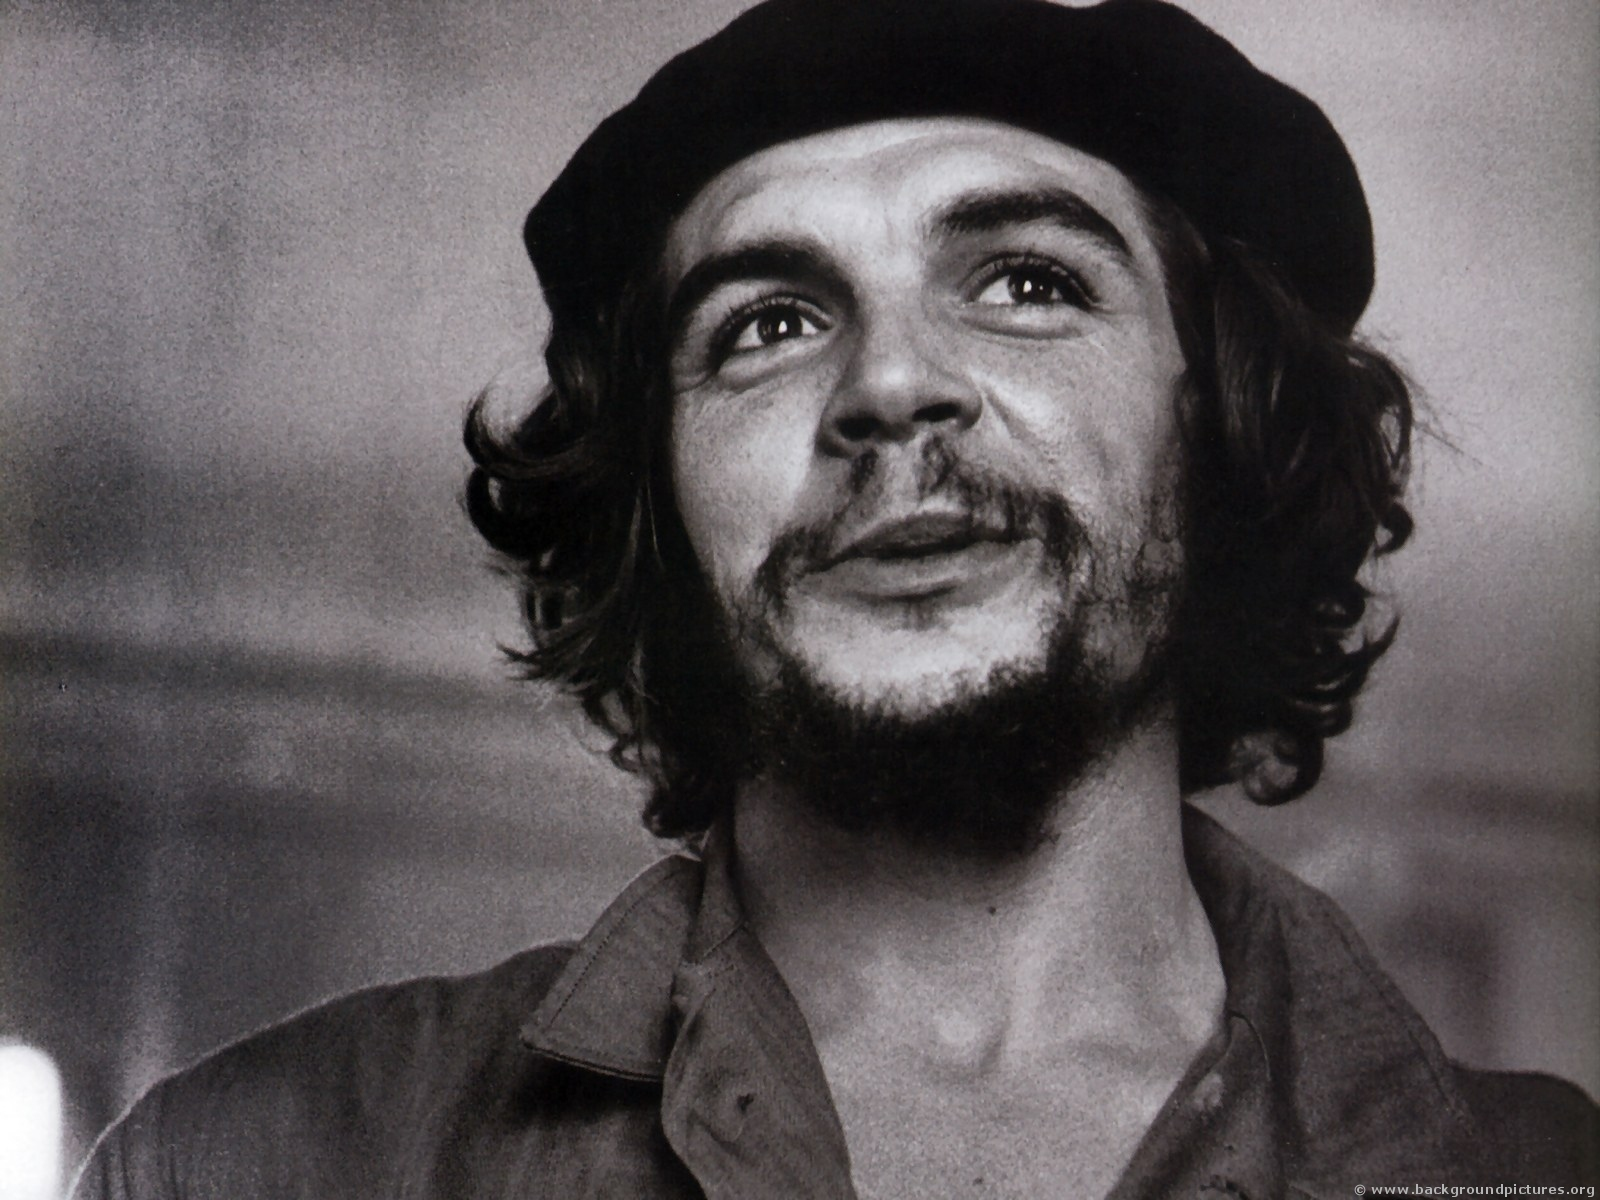 http://2.bp.blogspot.com/-_e7uROeZdvo/TcrNl0gSXZI/AAAAAAAAAhA/Q_1zFGoOlTs/s1600/Che-Guevara-Wallpapers-2011-.jpg